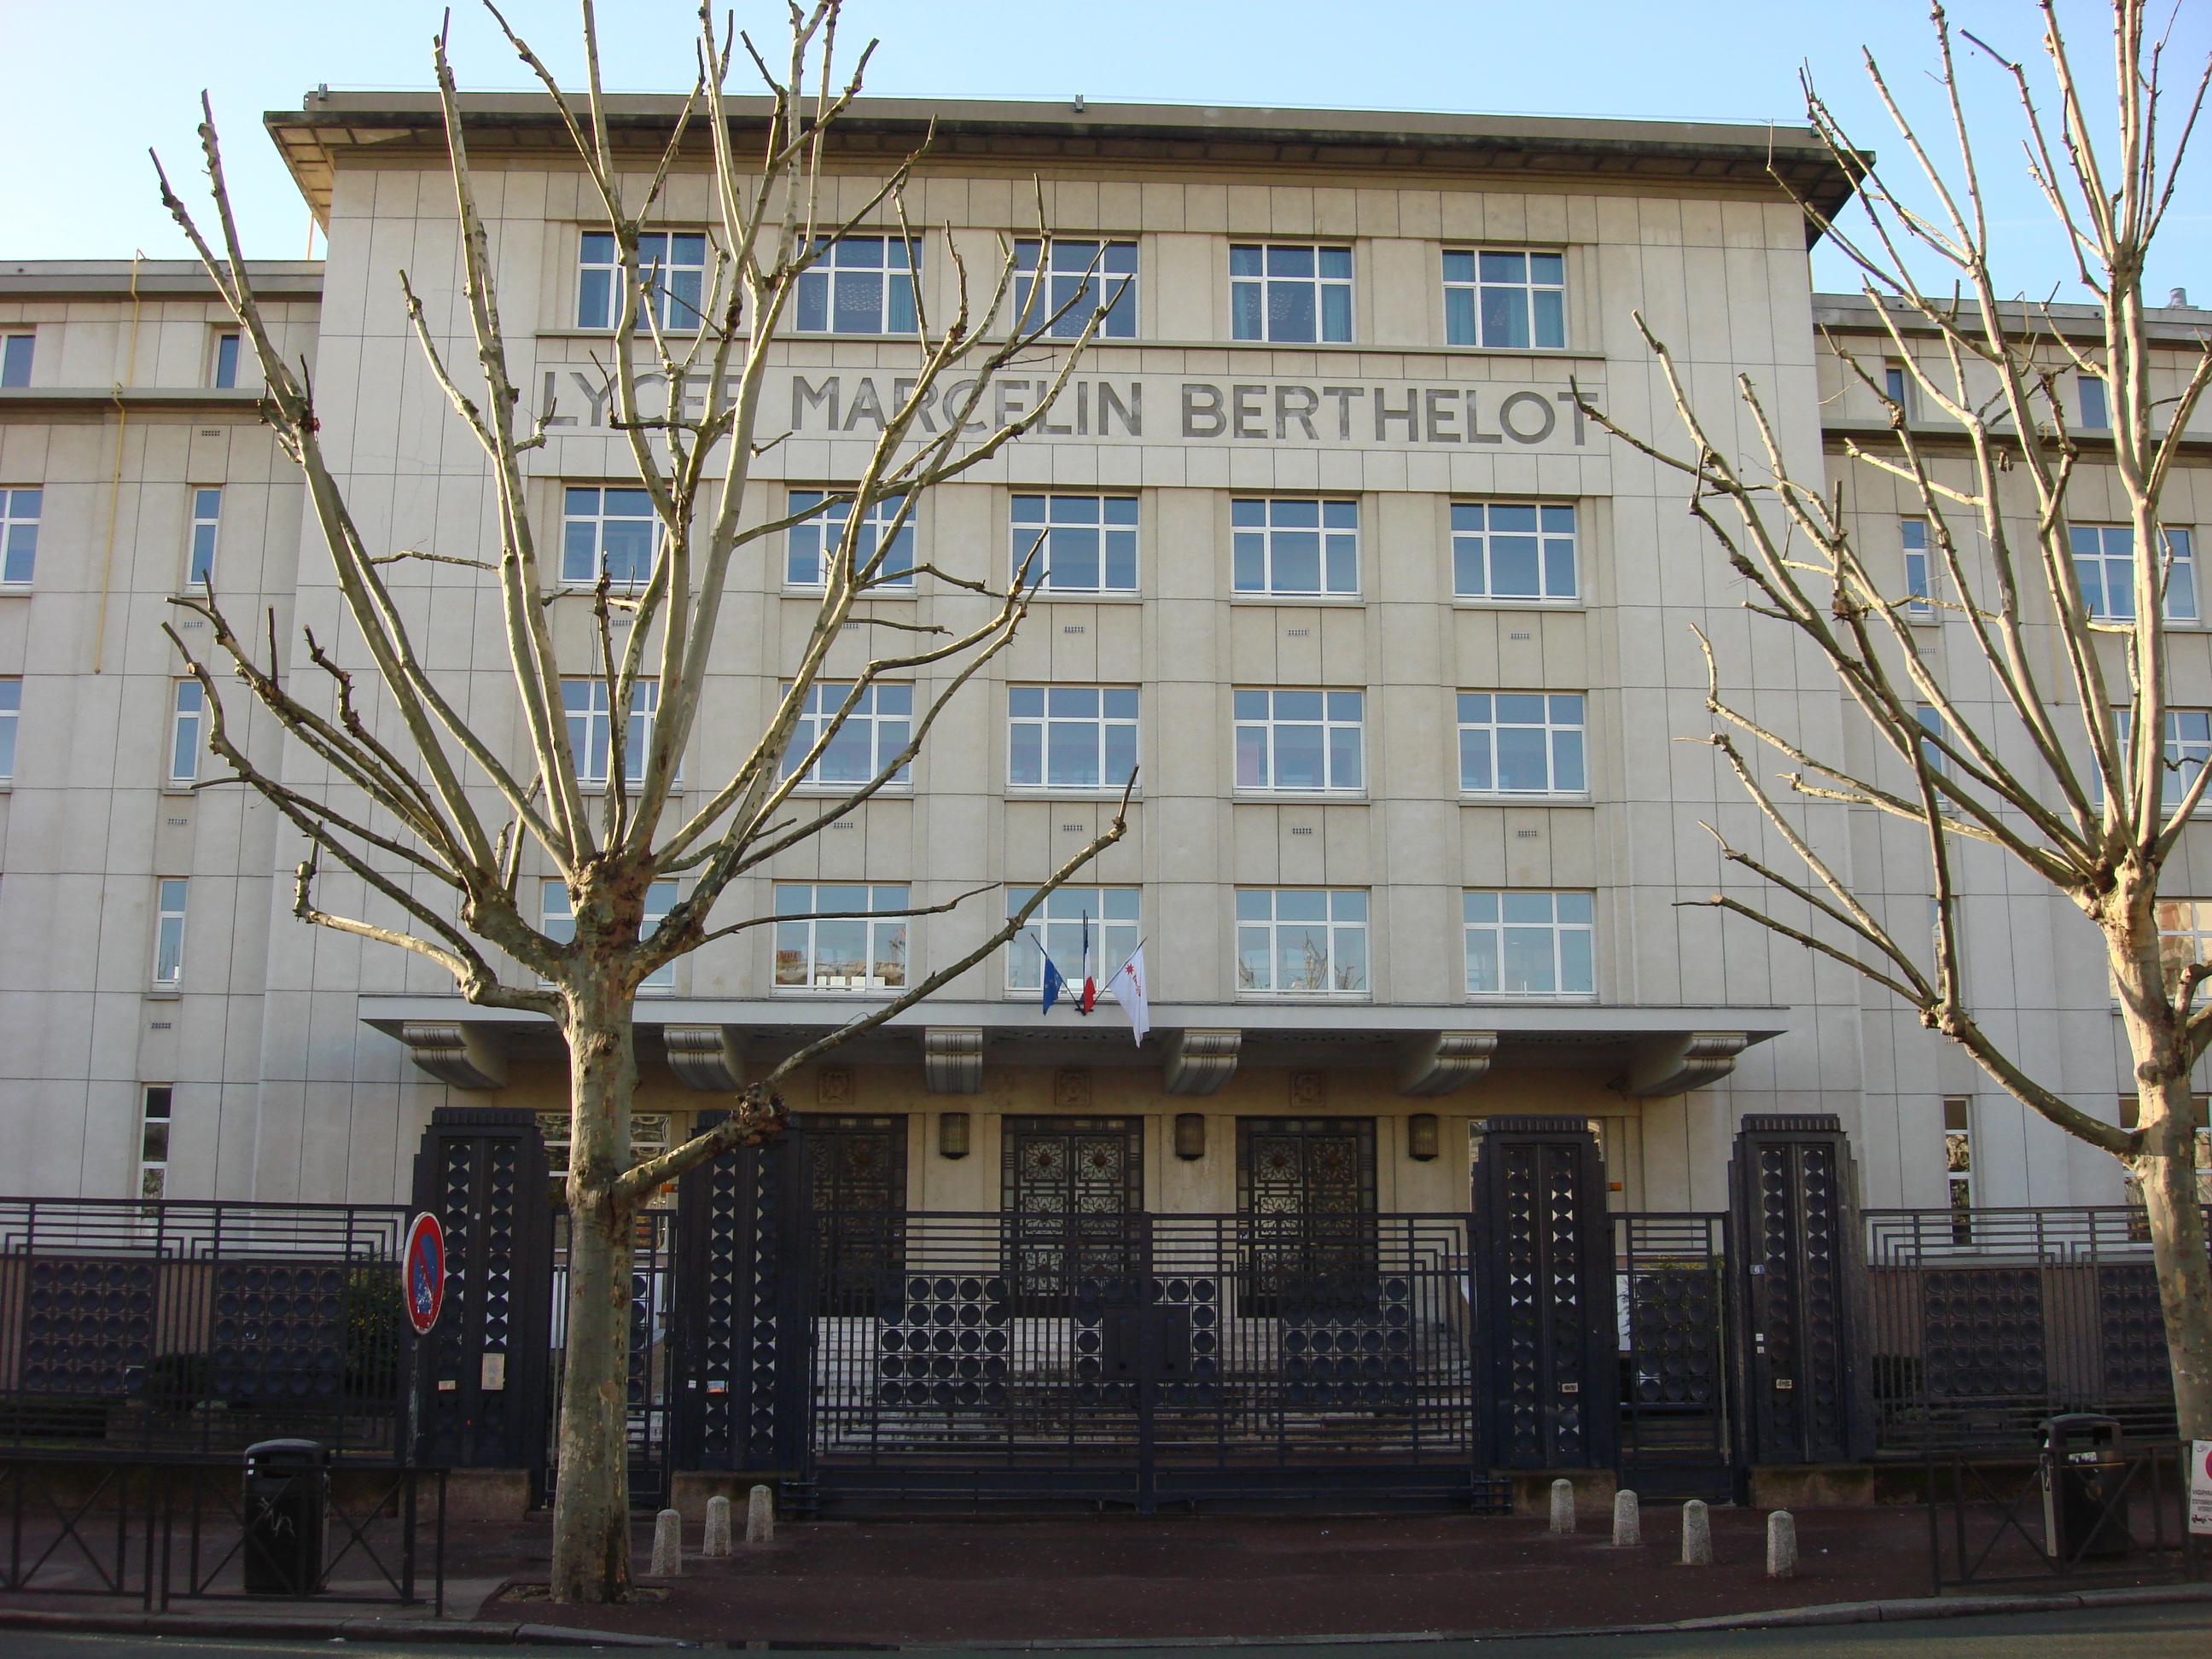 Menaces à l'encontre d'élèves de Marcelin Berthelot : Sylvain Berrios exprime son soutien et appelle à la responsabilité